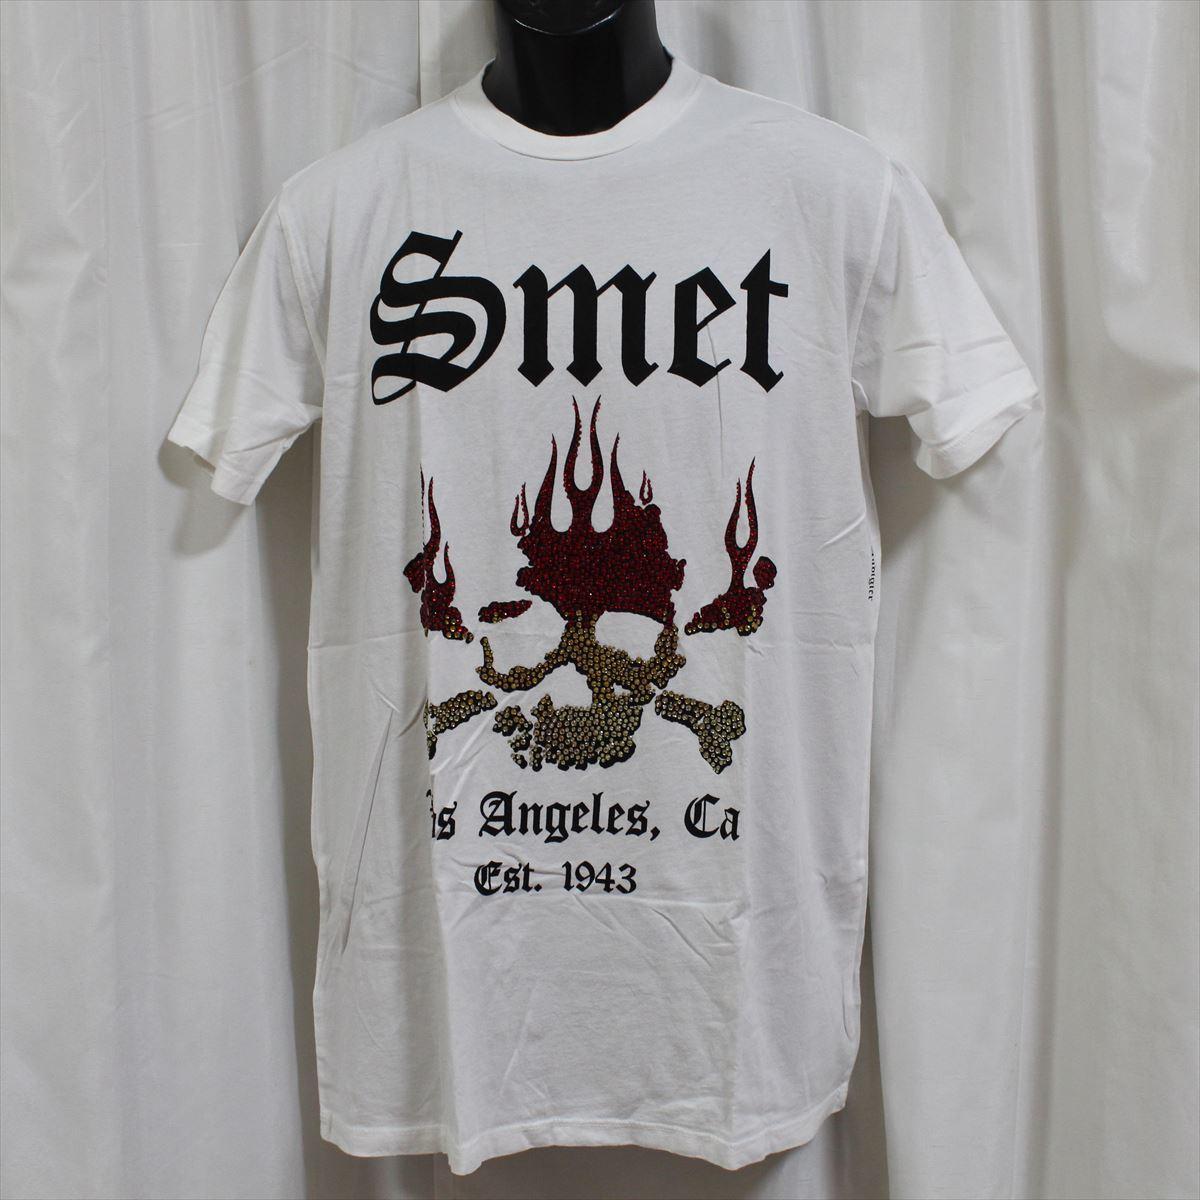 スメット SMET メンズ半袖Tシャツ ホワイト Mサイズ NO4 新品_画像1